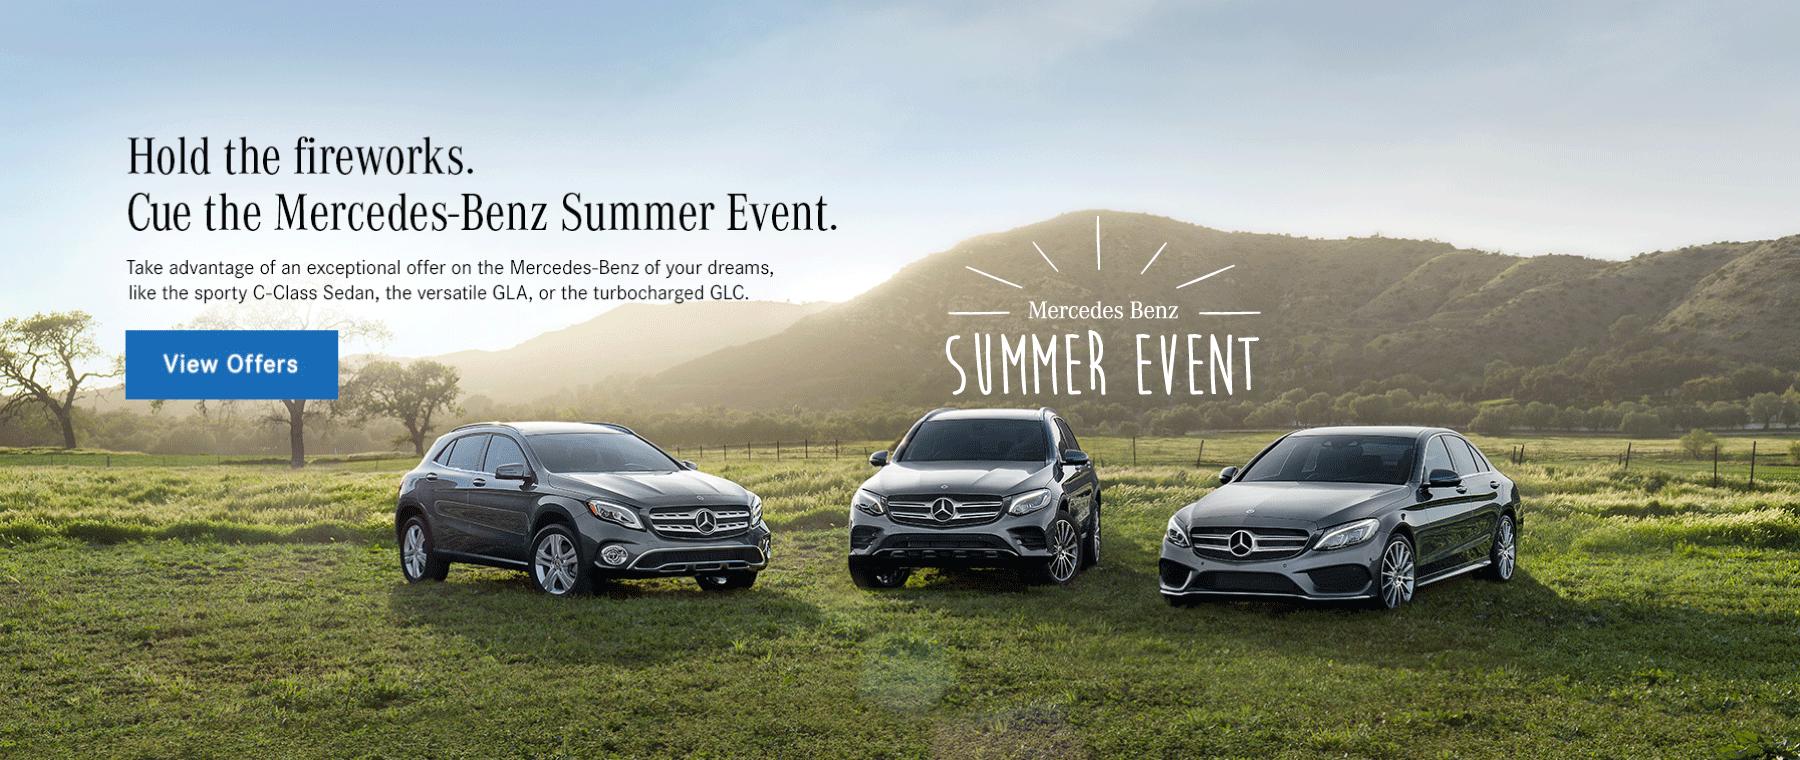 Mercedes-Benz Summer Event Banner